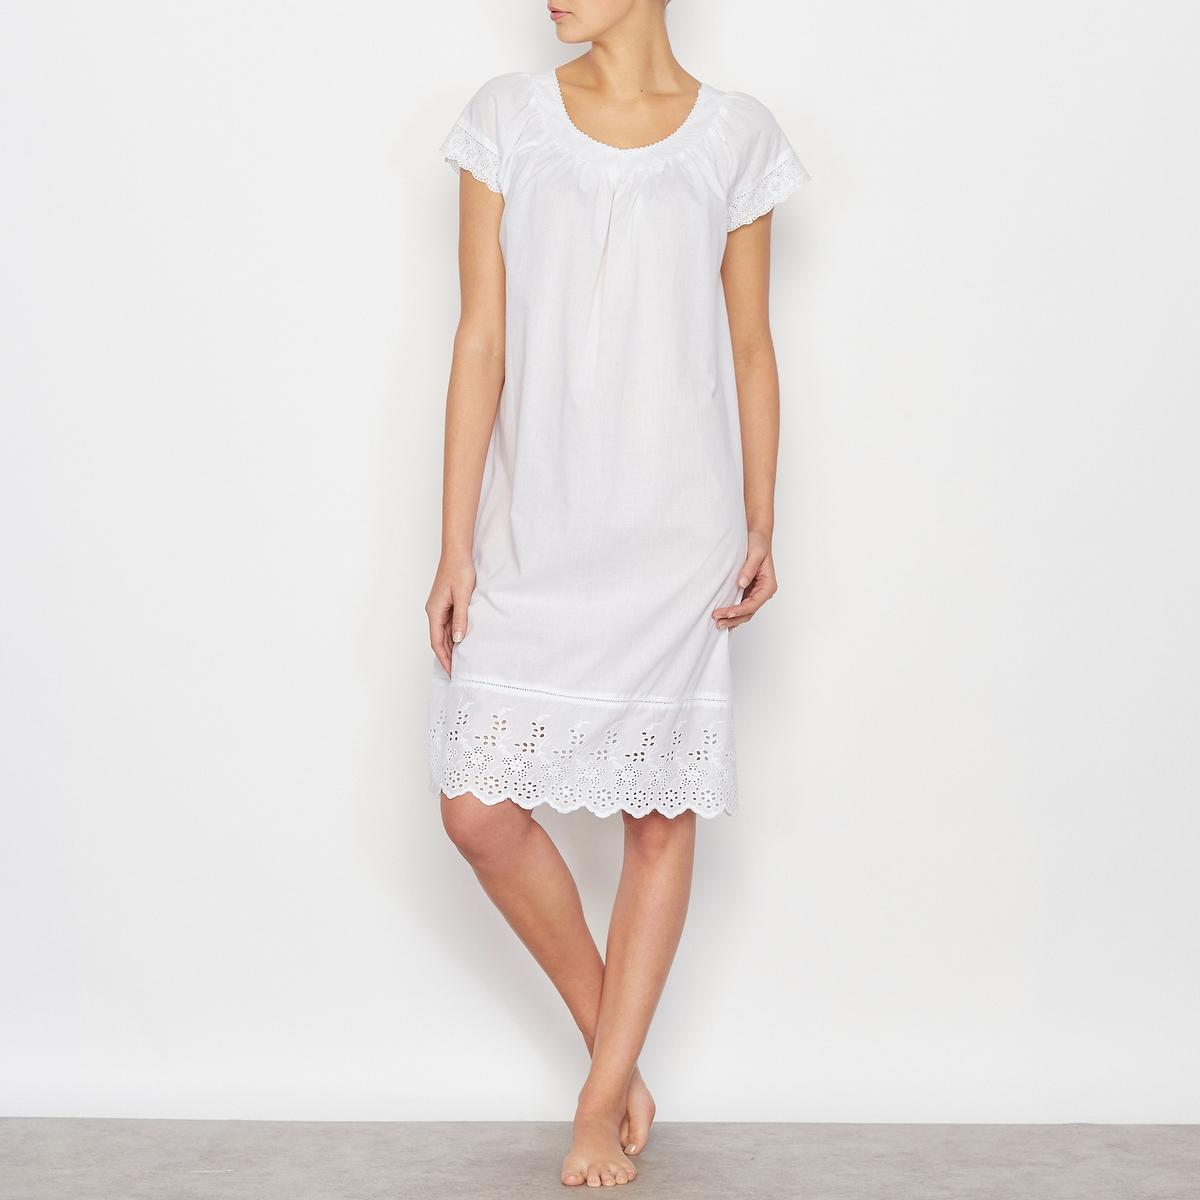 Ночная сорочка с вышивкойНочная сорочка. 100% хлопка. Вышивка по вырезу, низу коротких рукавов и по низу сорочки. Длина: 95 см.Машинная стирка при 40°.<br><br>Цвет: белый<br>Размер: 38/40 (FR) - 44/46 (RUS)